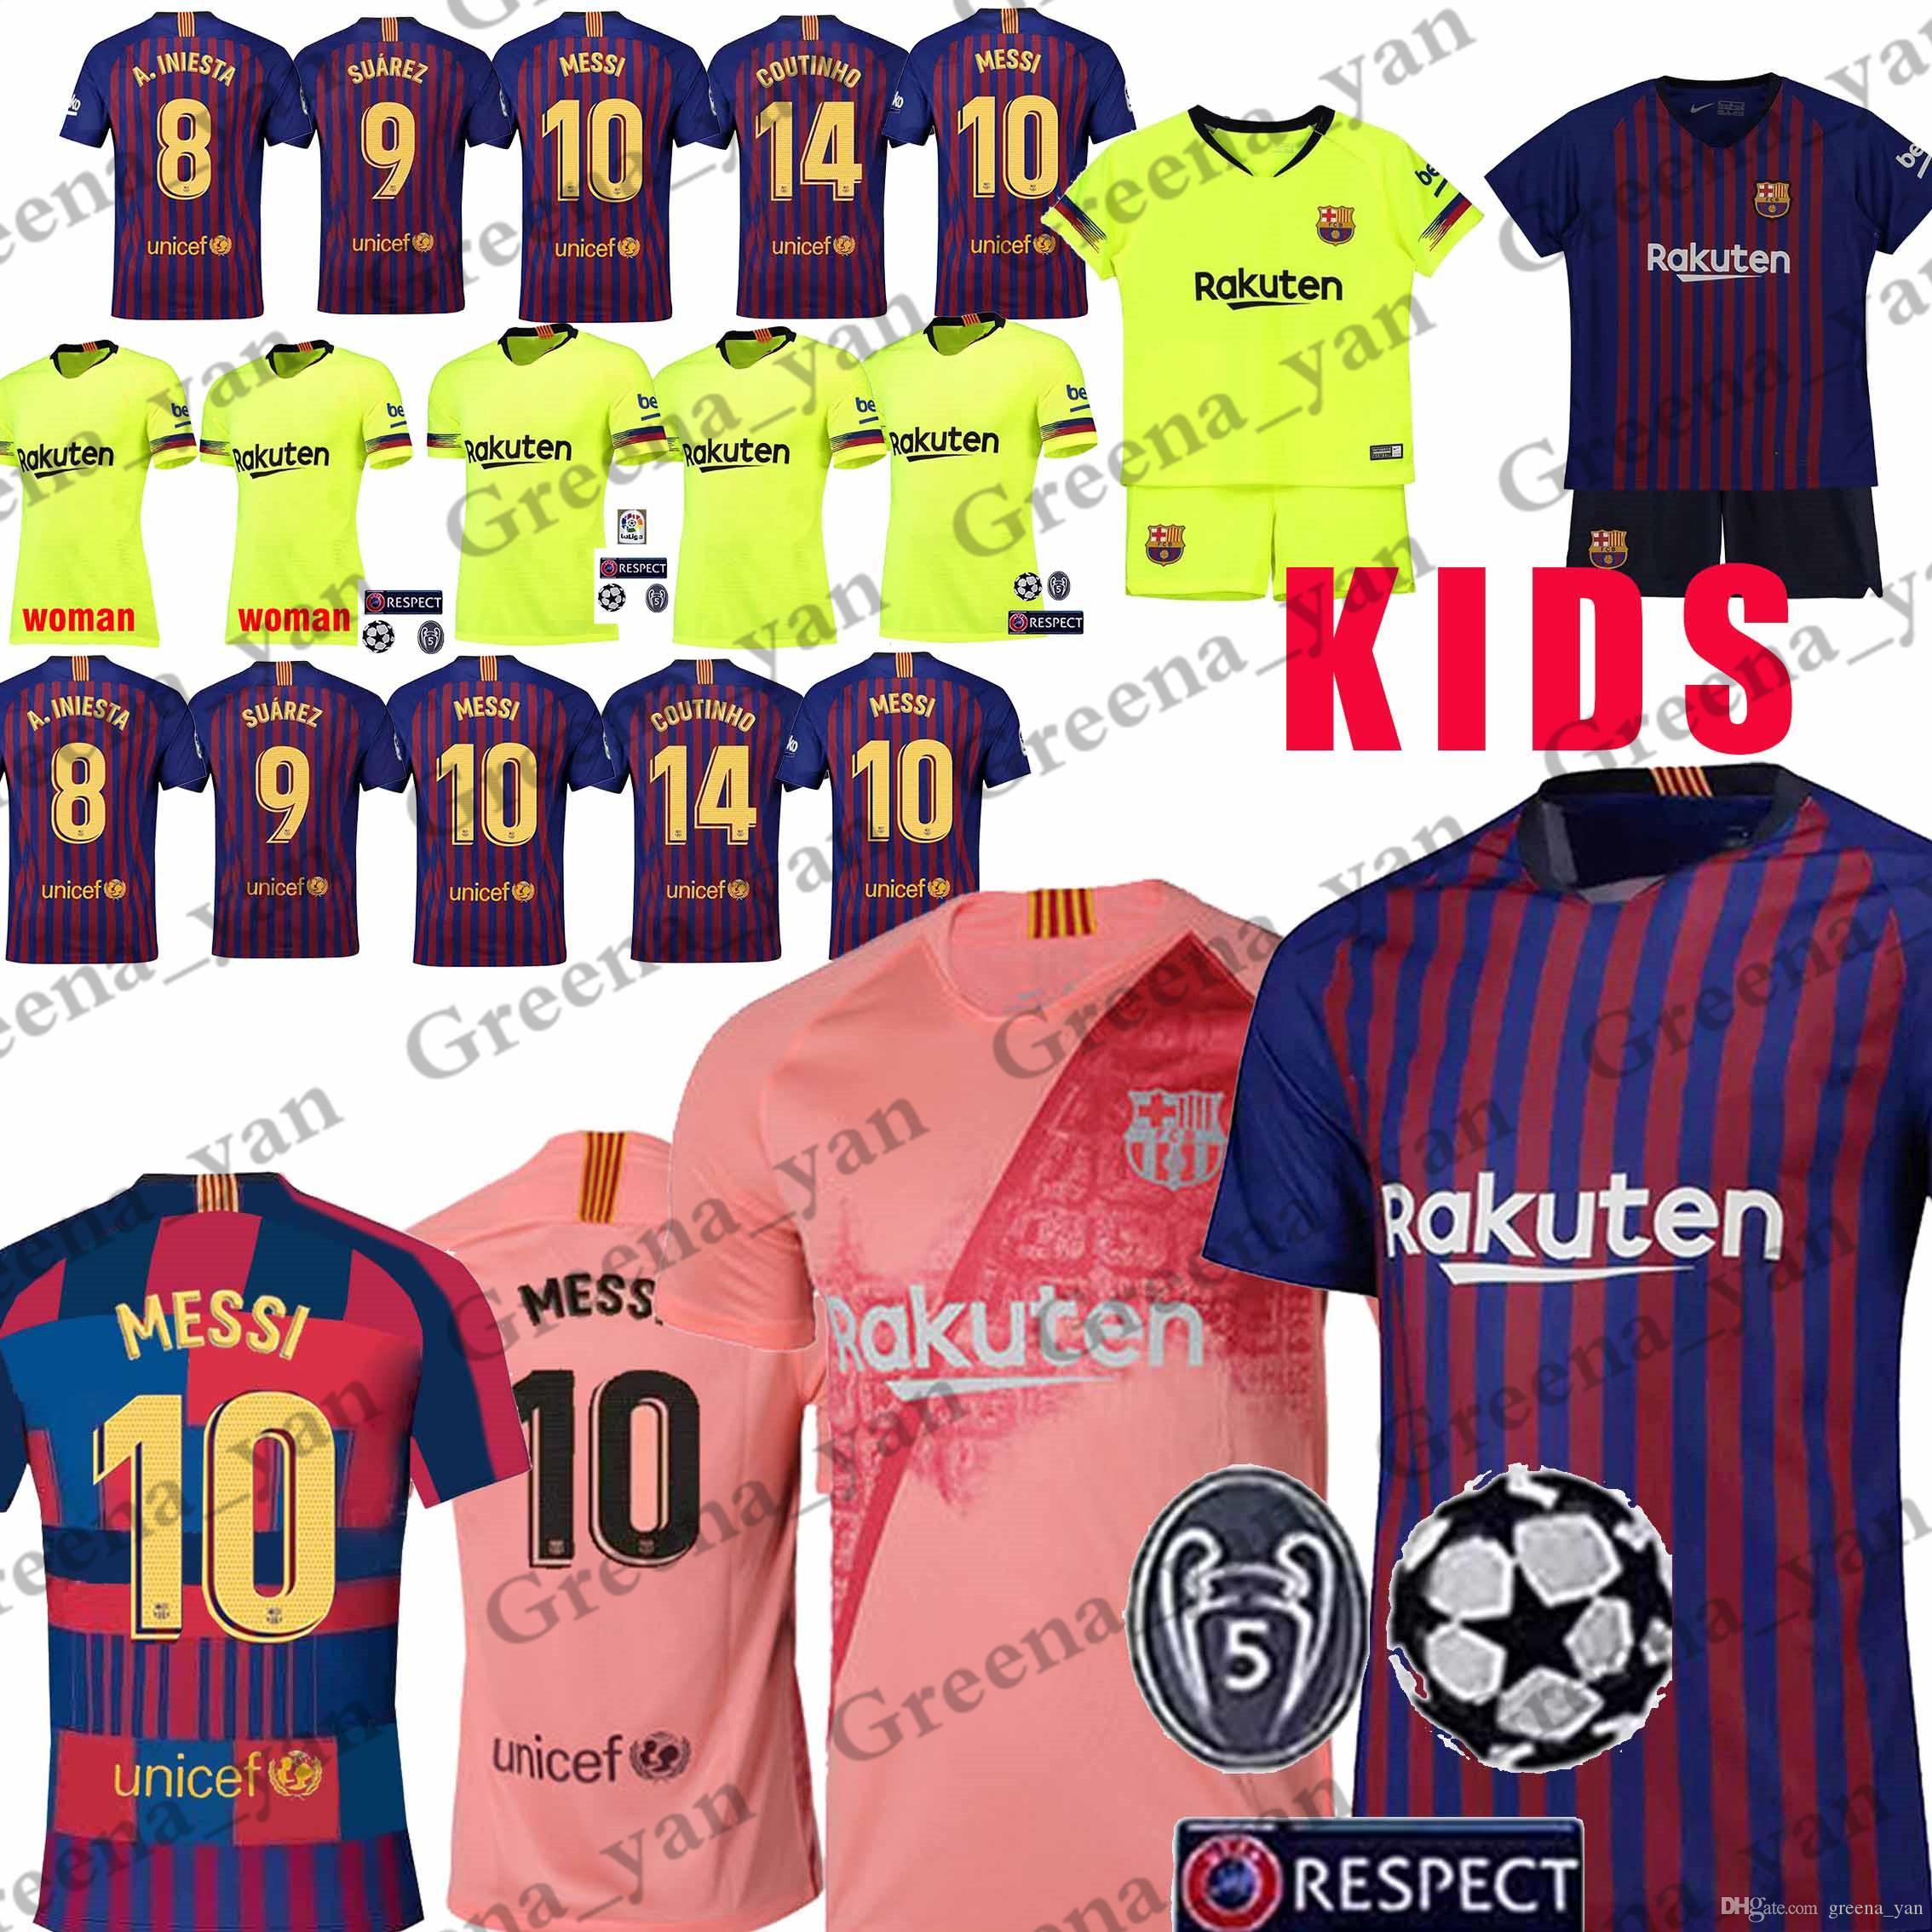 Promoción 10 Messi Barcelona Soccer Jersey 8 Iniesta 9 Suarez 26 MALCOM 11  Dembele Coutinho Camisetas De Fútbol Hombre Mujer Niños Por Greena yan 7d5dba96c8b3c